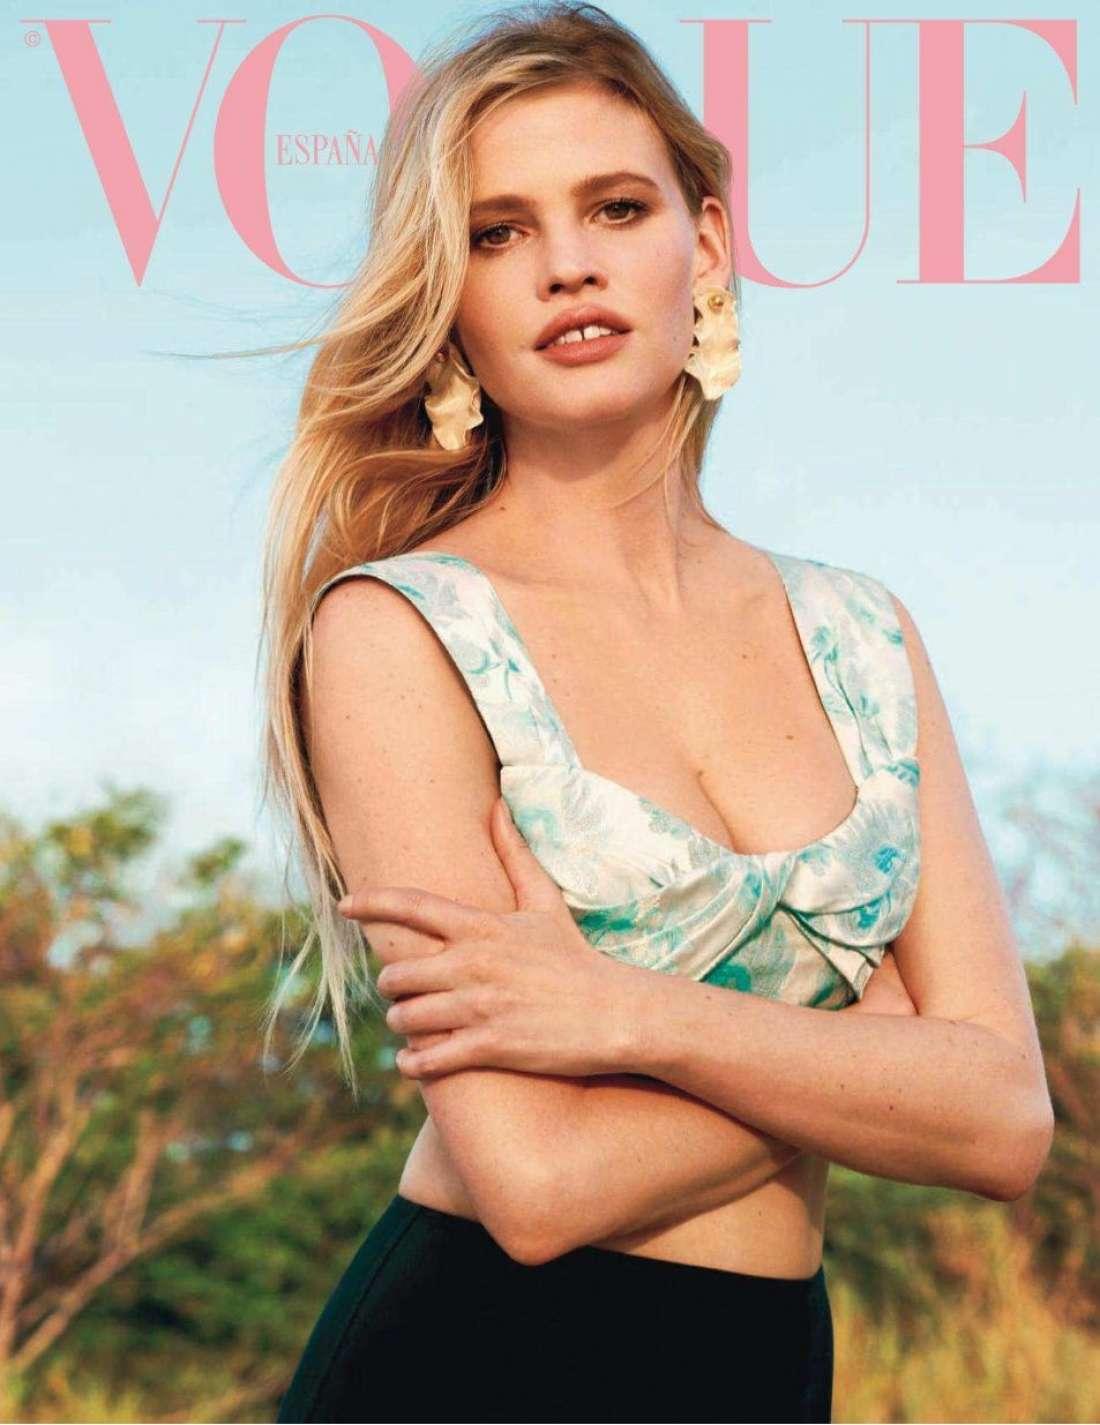 Lara Stone 2018 : Lara Stone: Vogue Spain 2018 -13